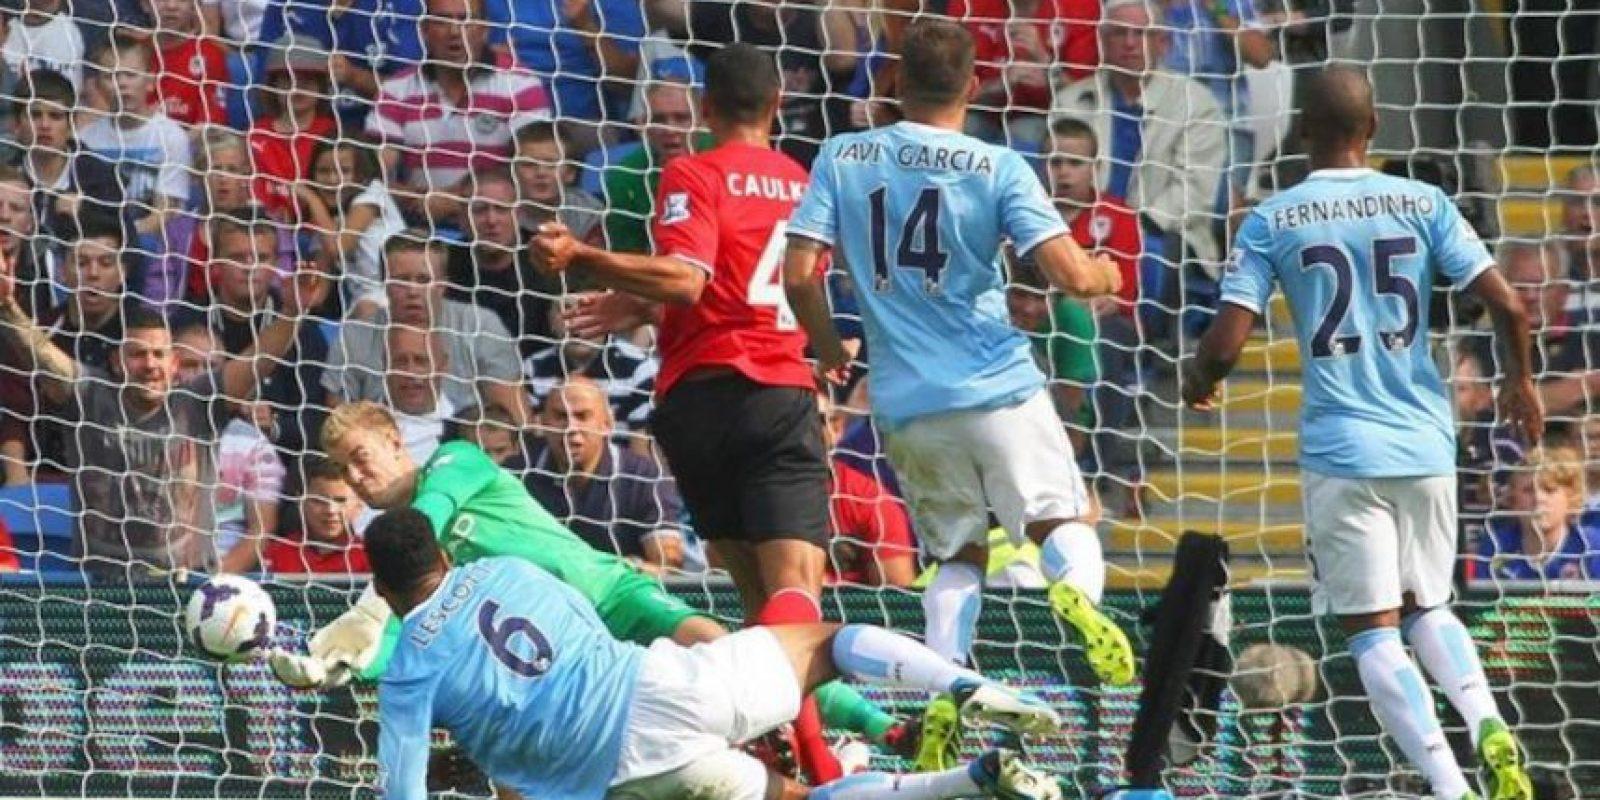 El portero del Manchester City Joe Hart detiene el primer disparo (en segundo acabó en gol) durante el partido de la Premier League que ha medido al Cardiff City FC con el Manchester City FC en Cardiff, Gales, Reino Unido. EFE